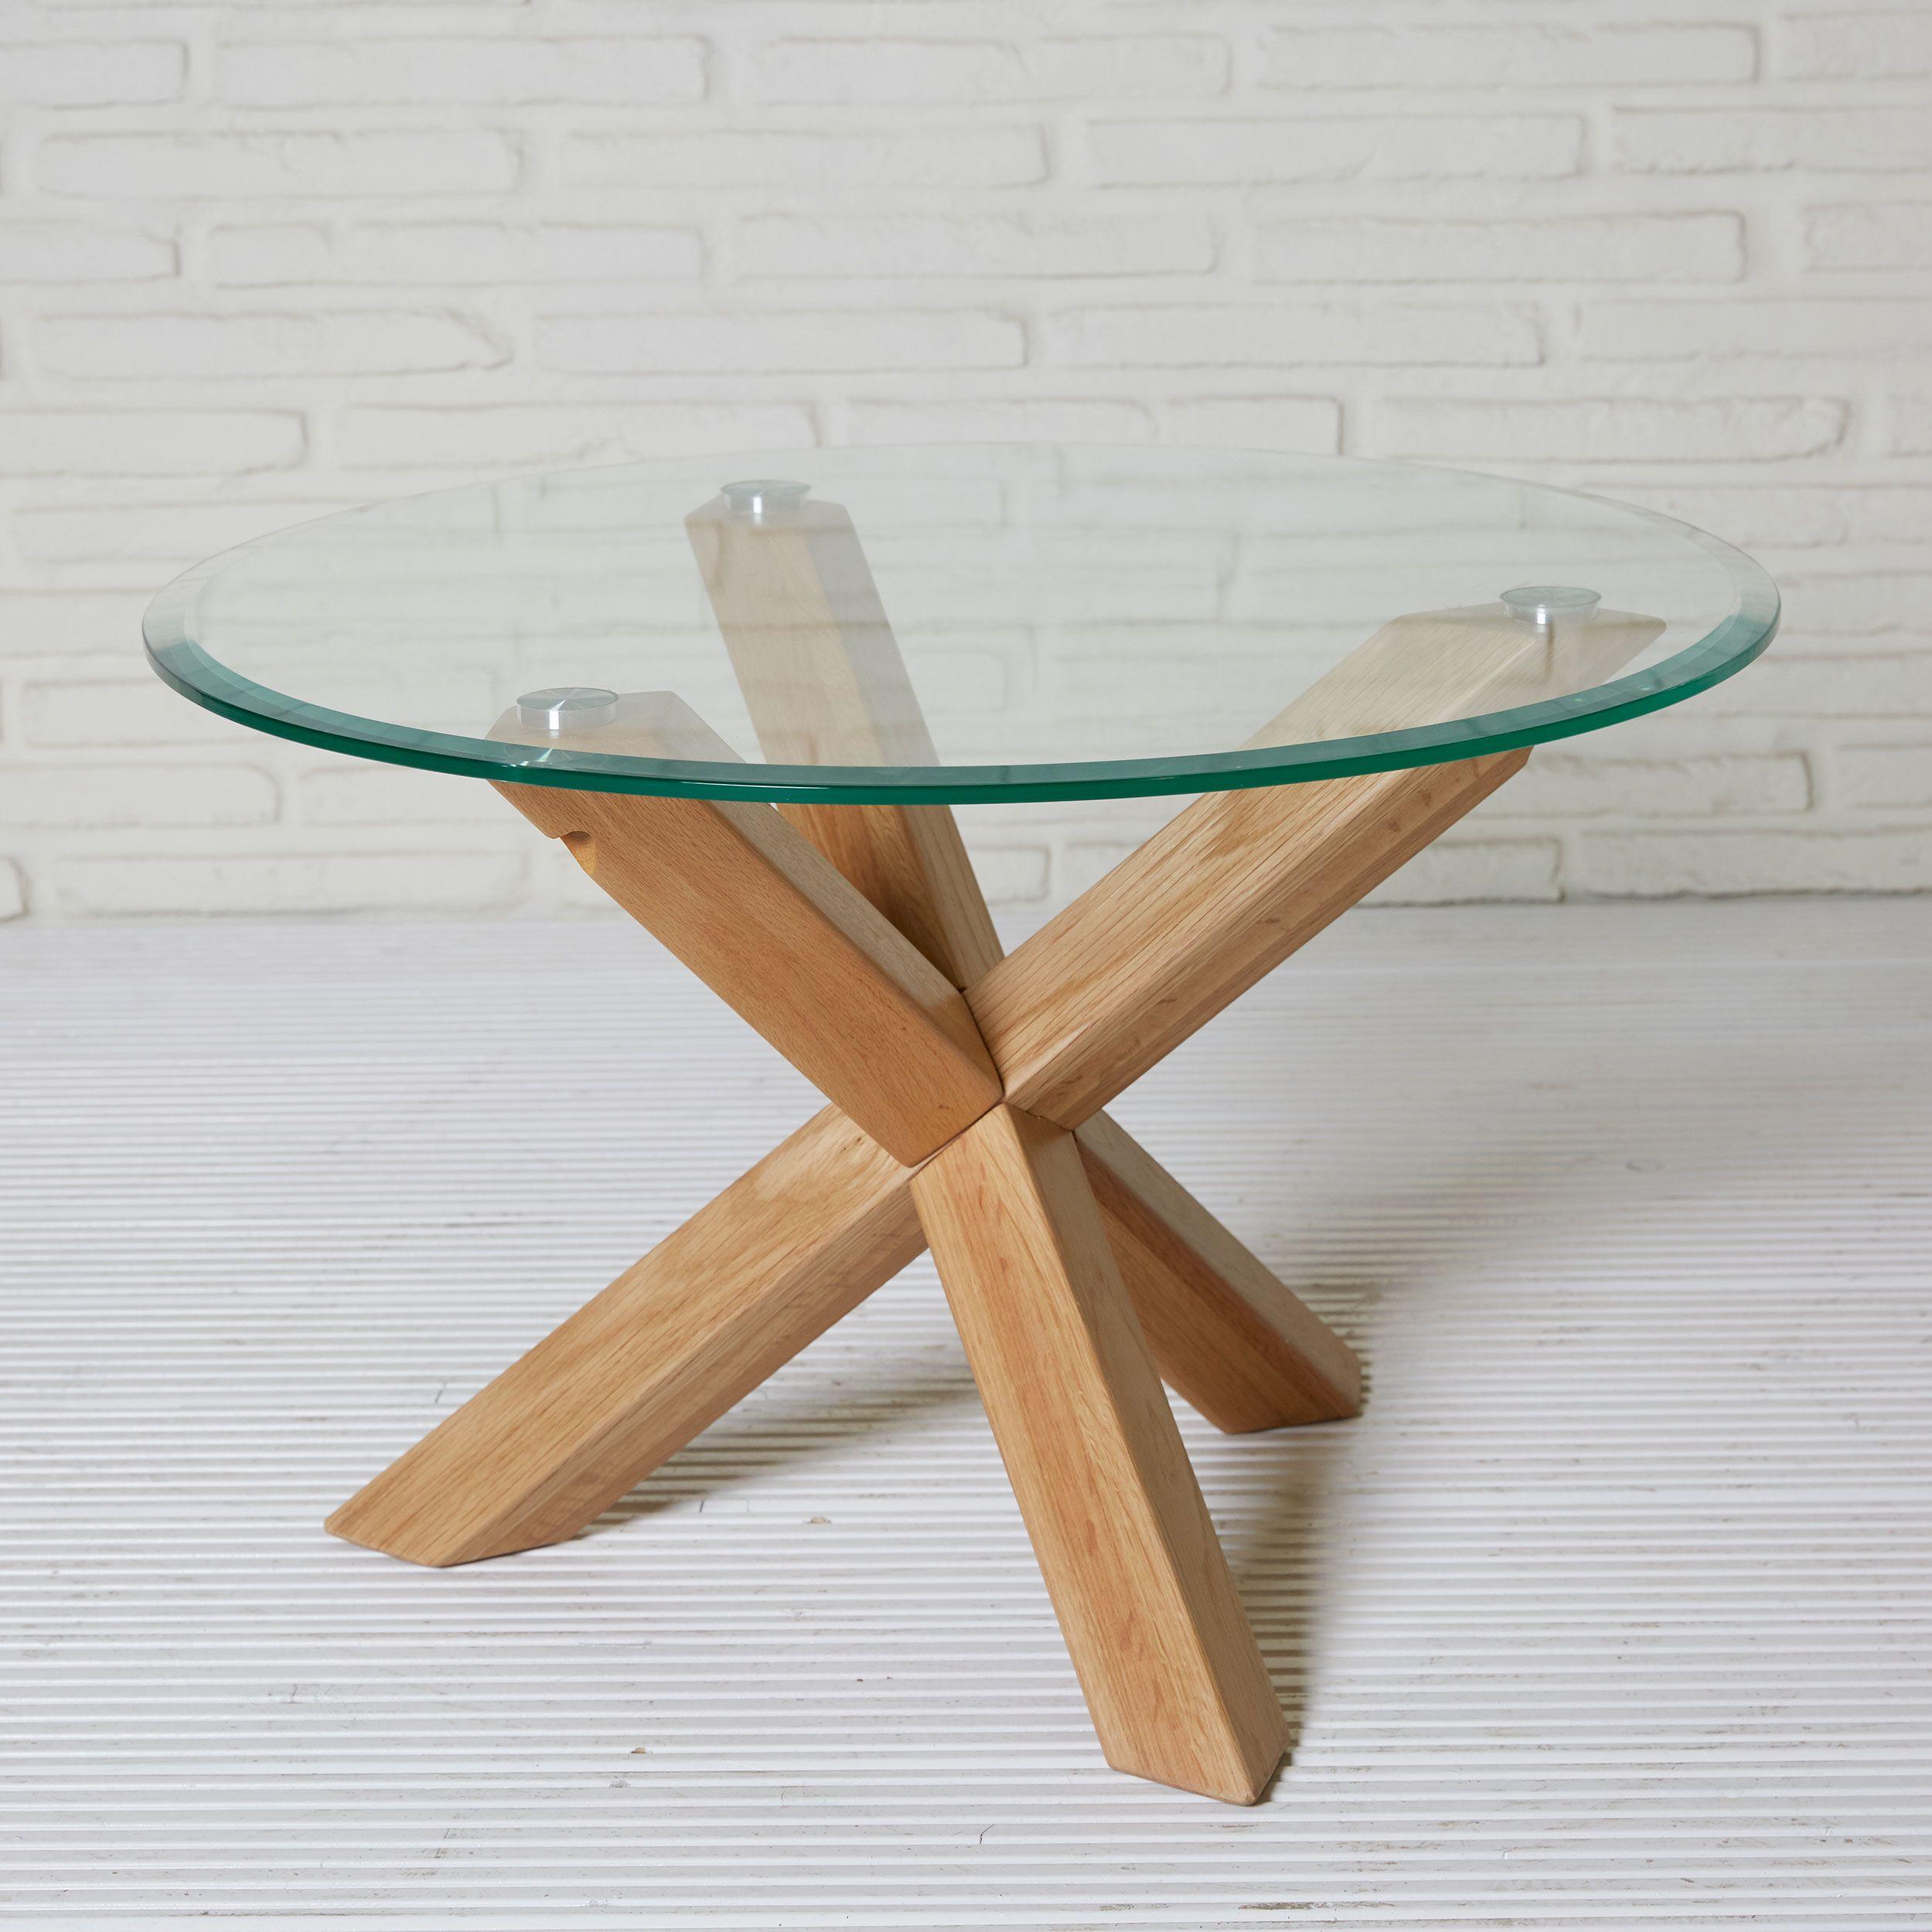 Couchtisch Rund 70cm Eichenholz Und Glasplatte Couchtisch Tisch